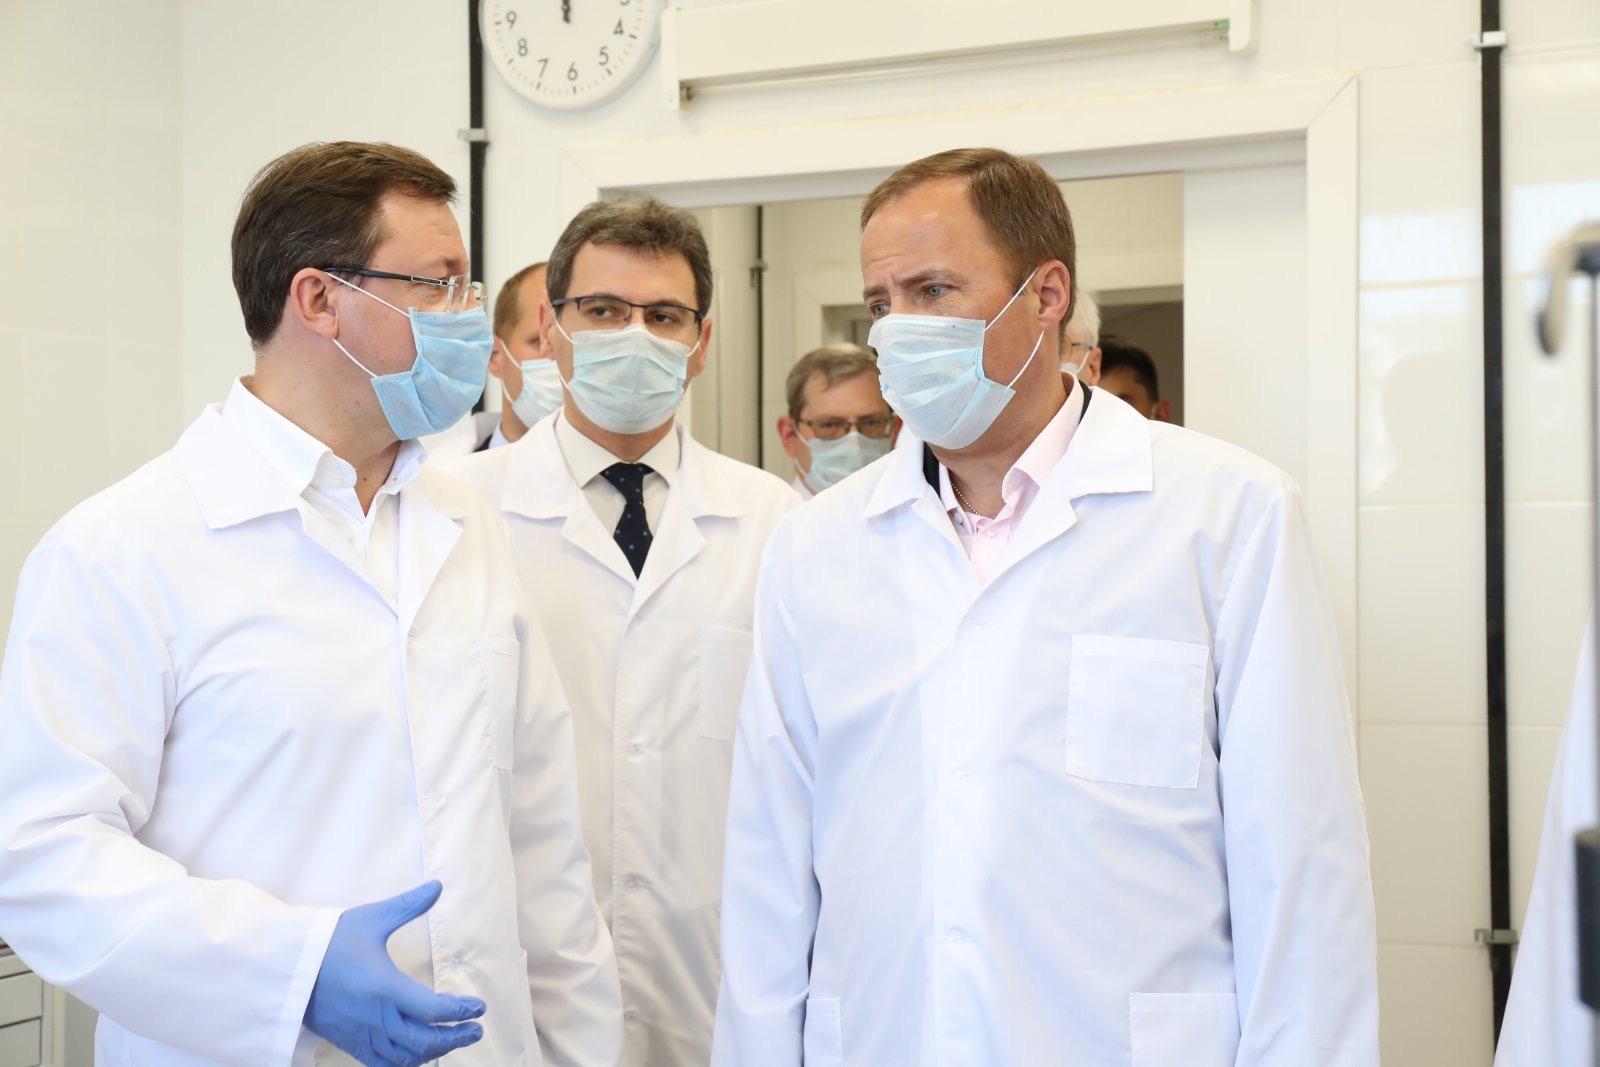 Азарову и Комарову показали новое отделение поликлиники в Тольятти